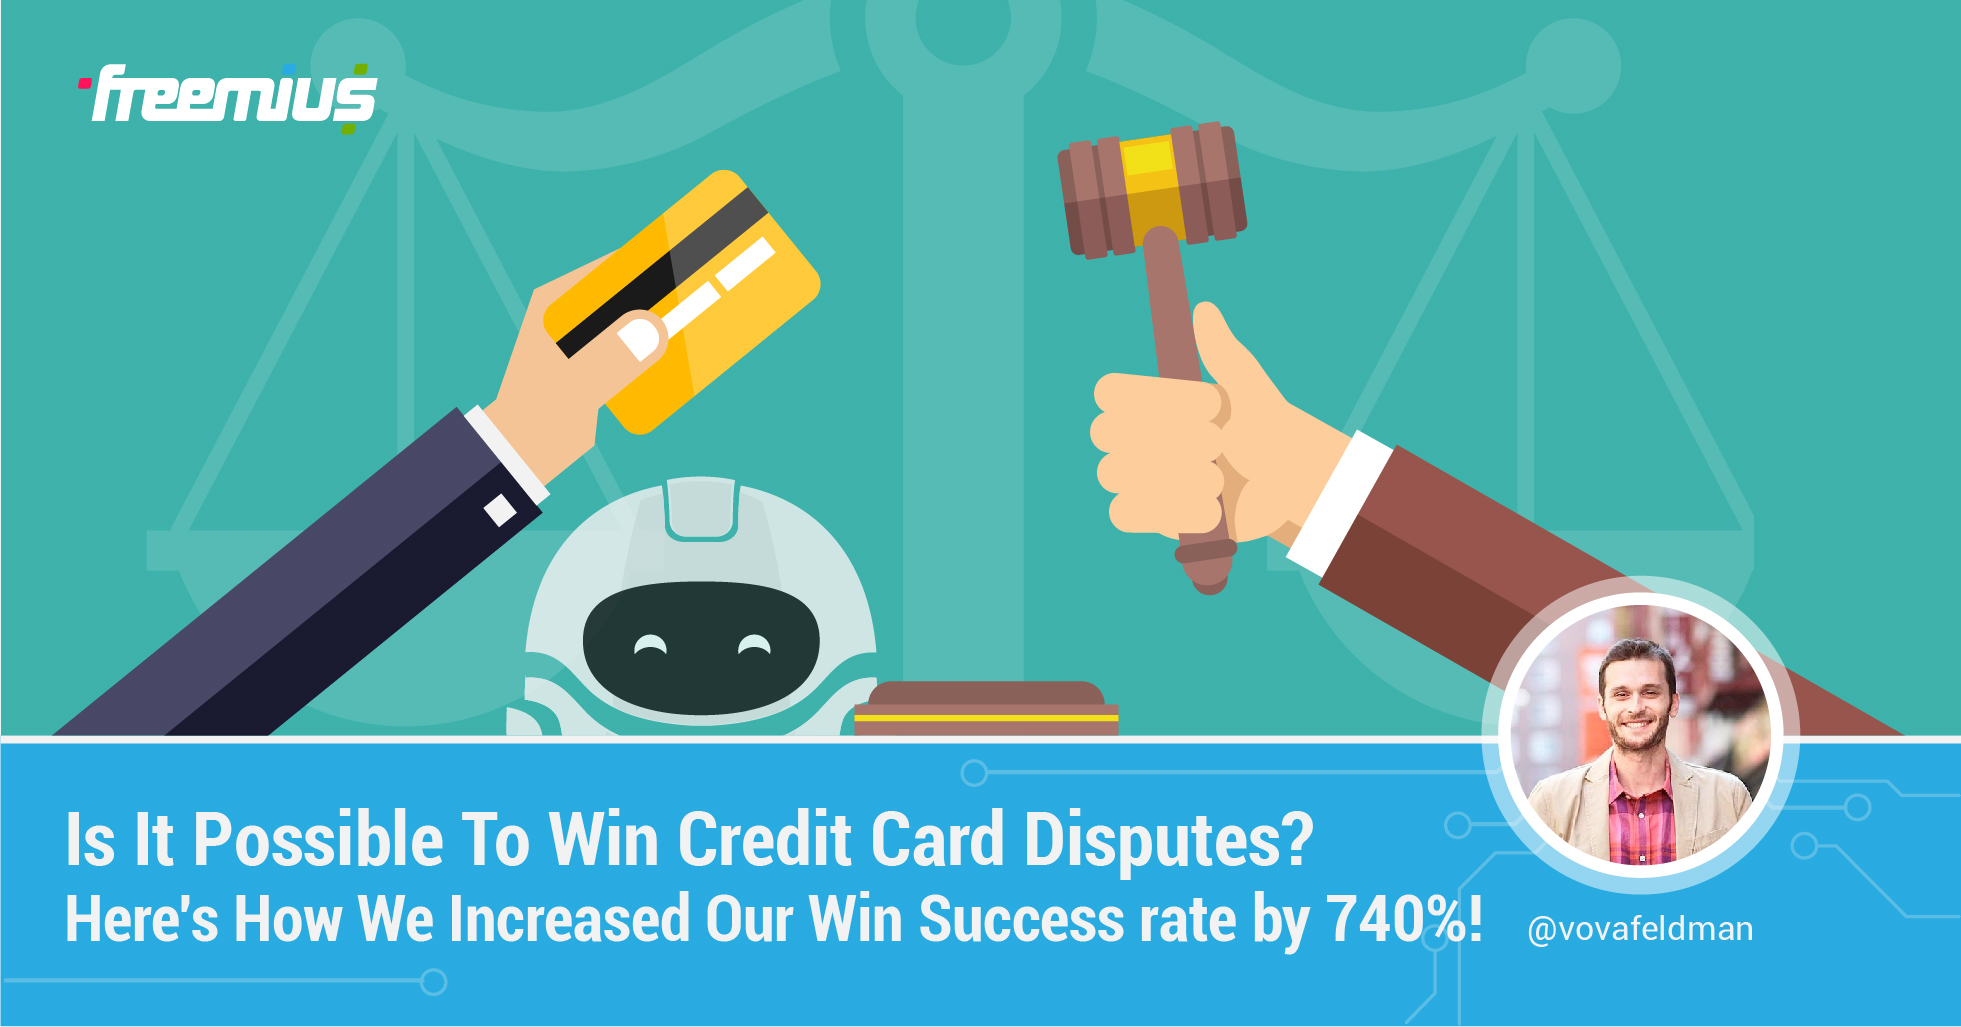 freemius-credit-cards-dispute-v3.2-07